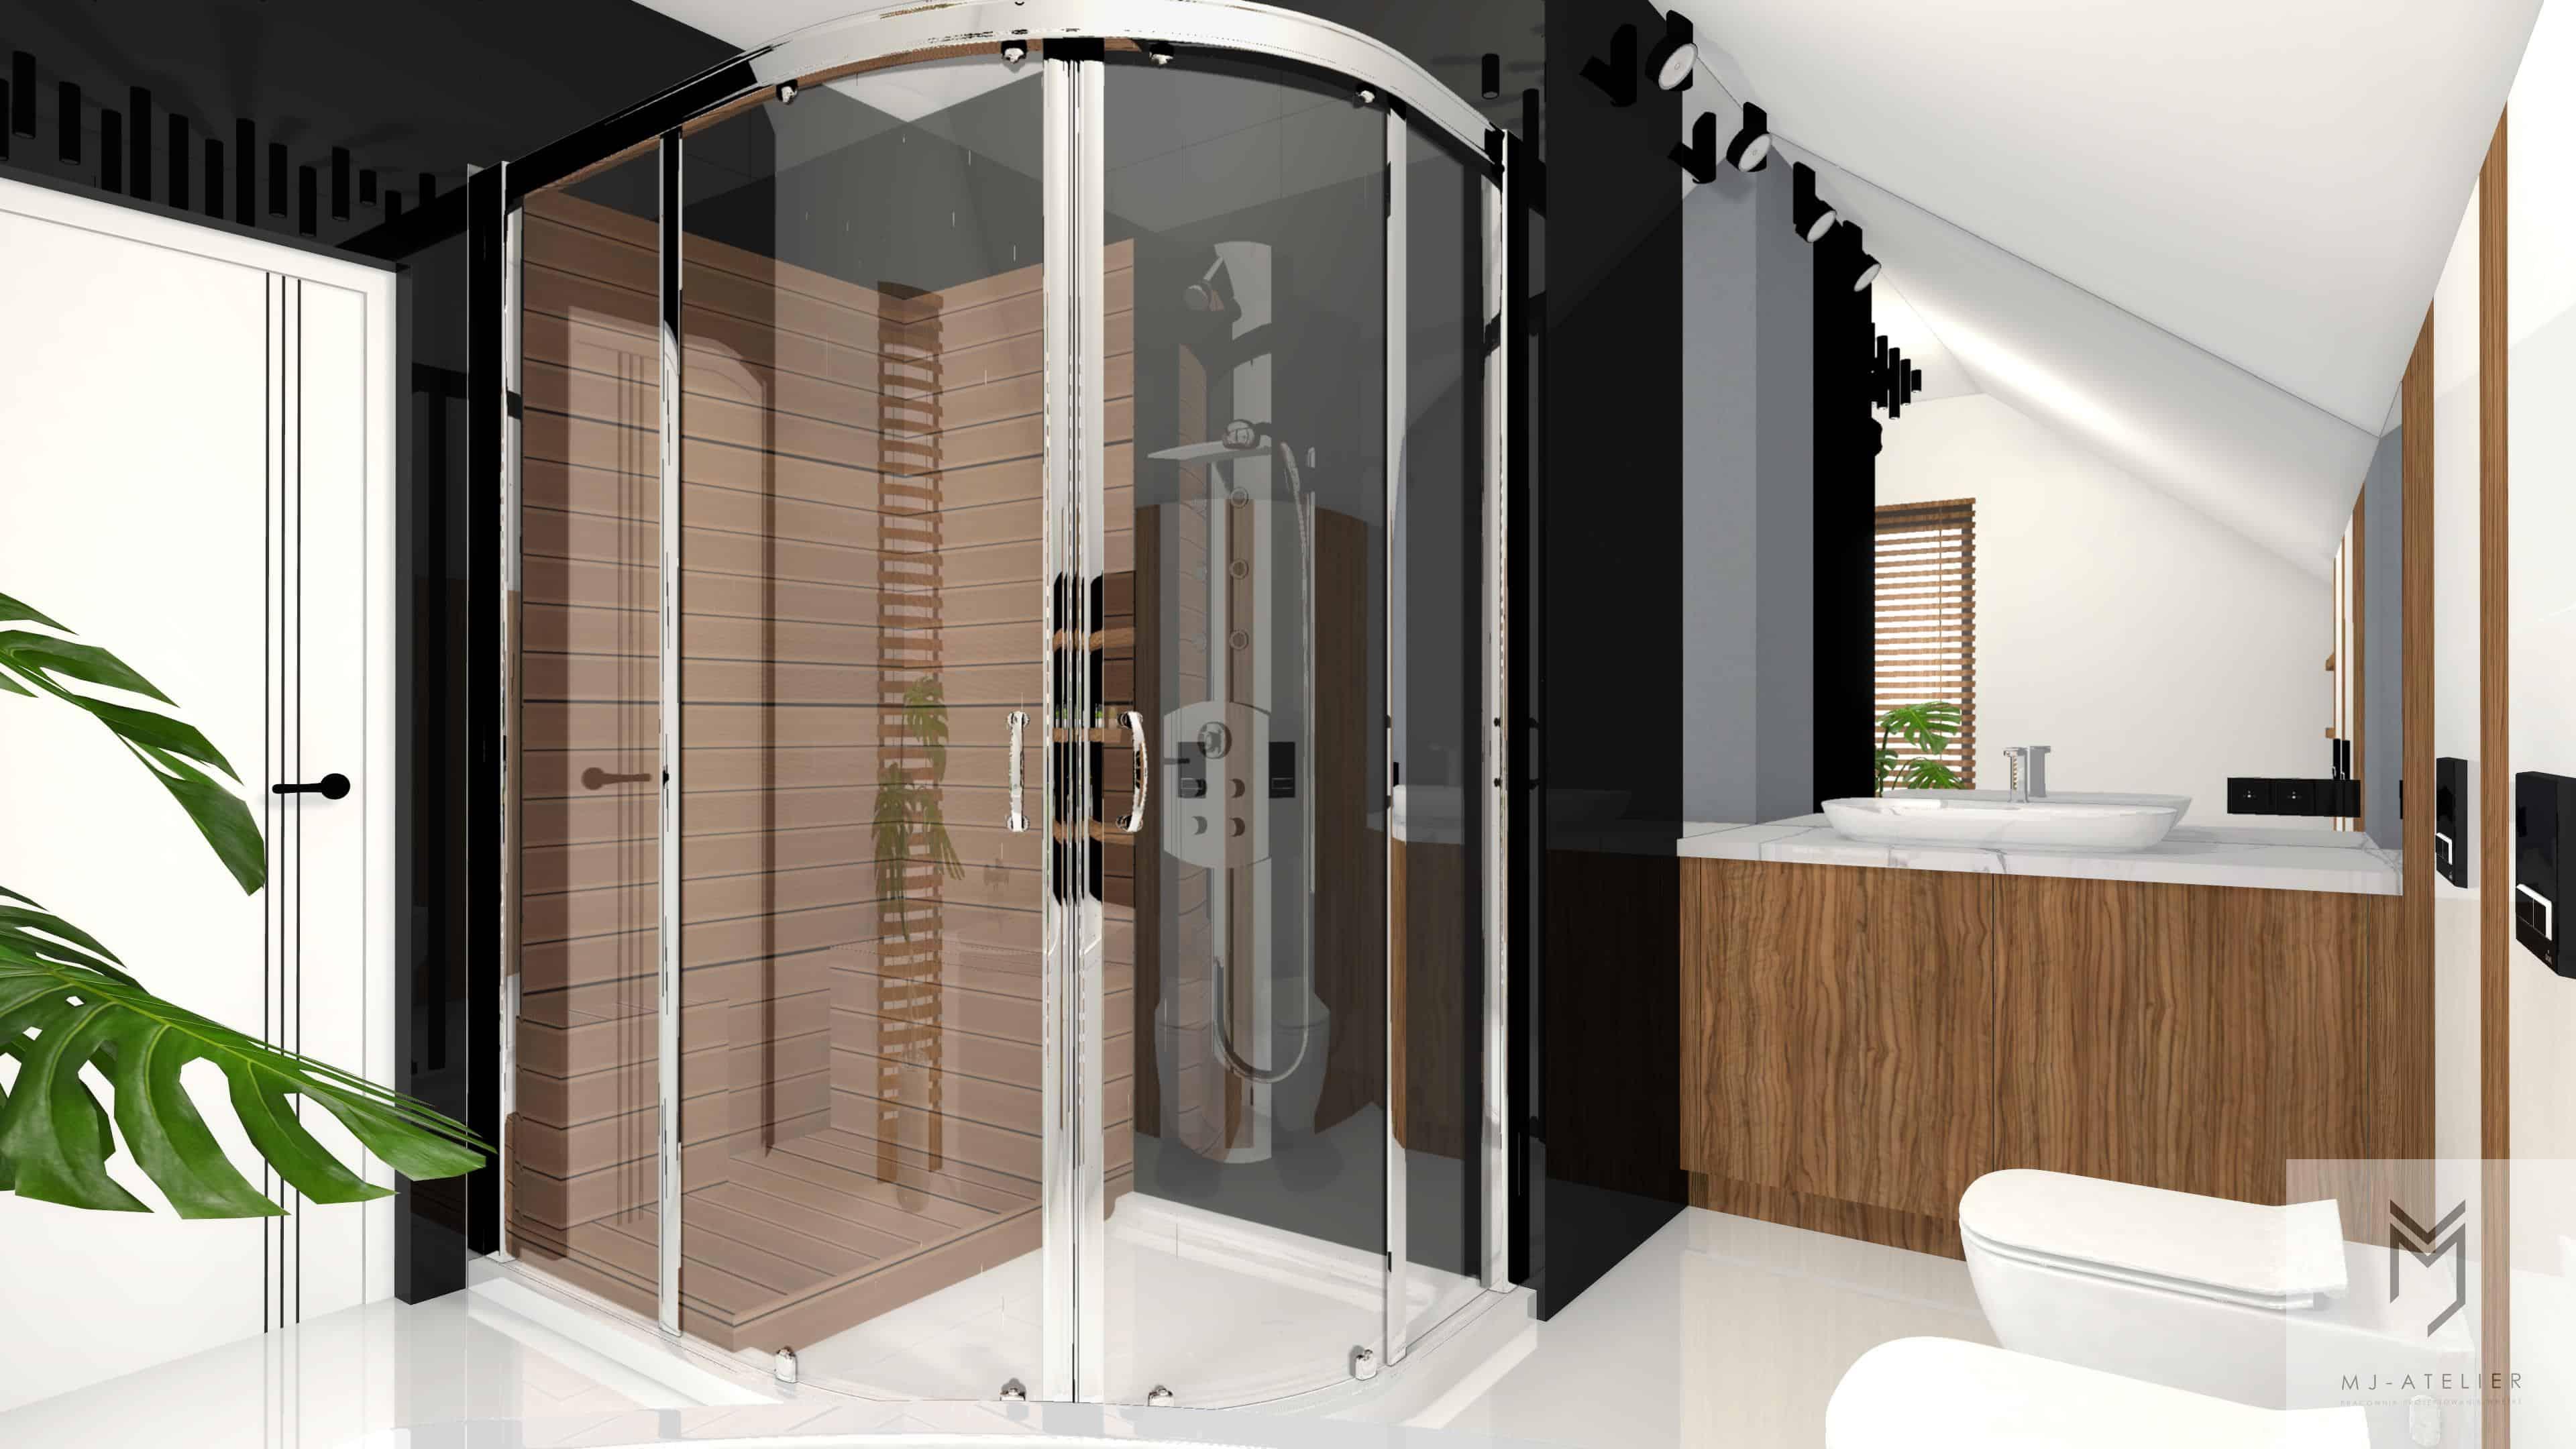 Łazienka z odważną podłogą | MJ Atelier